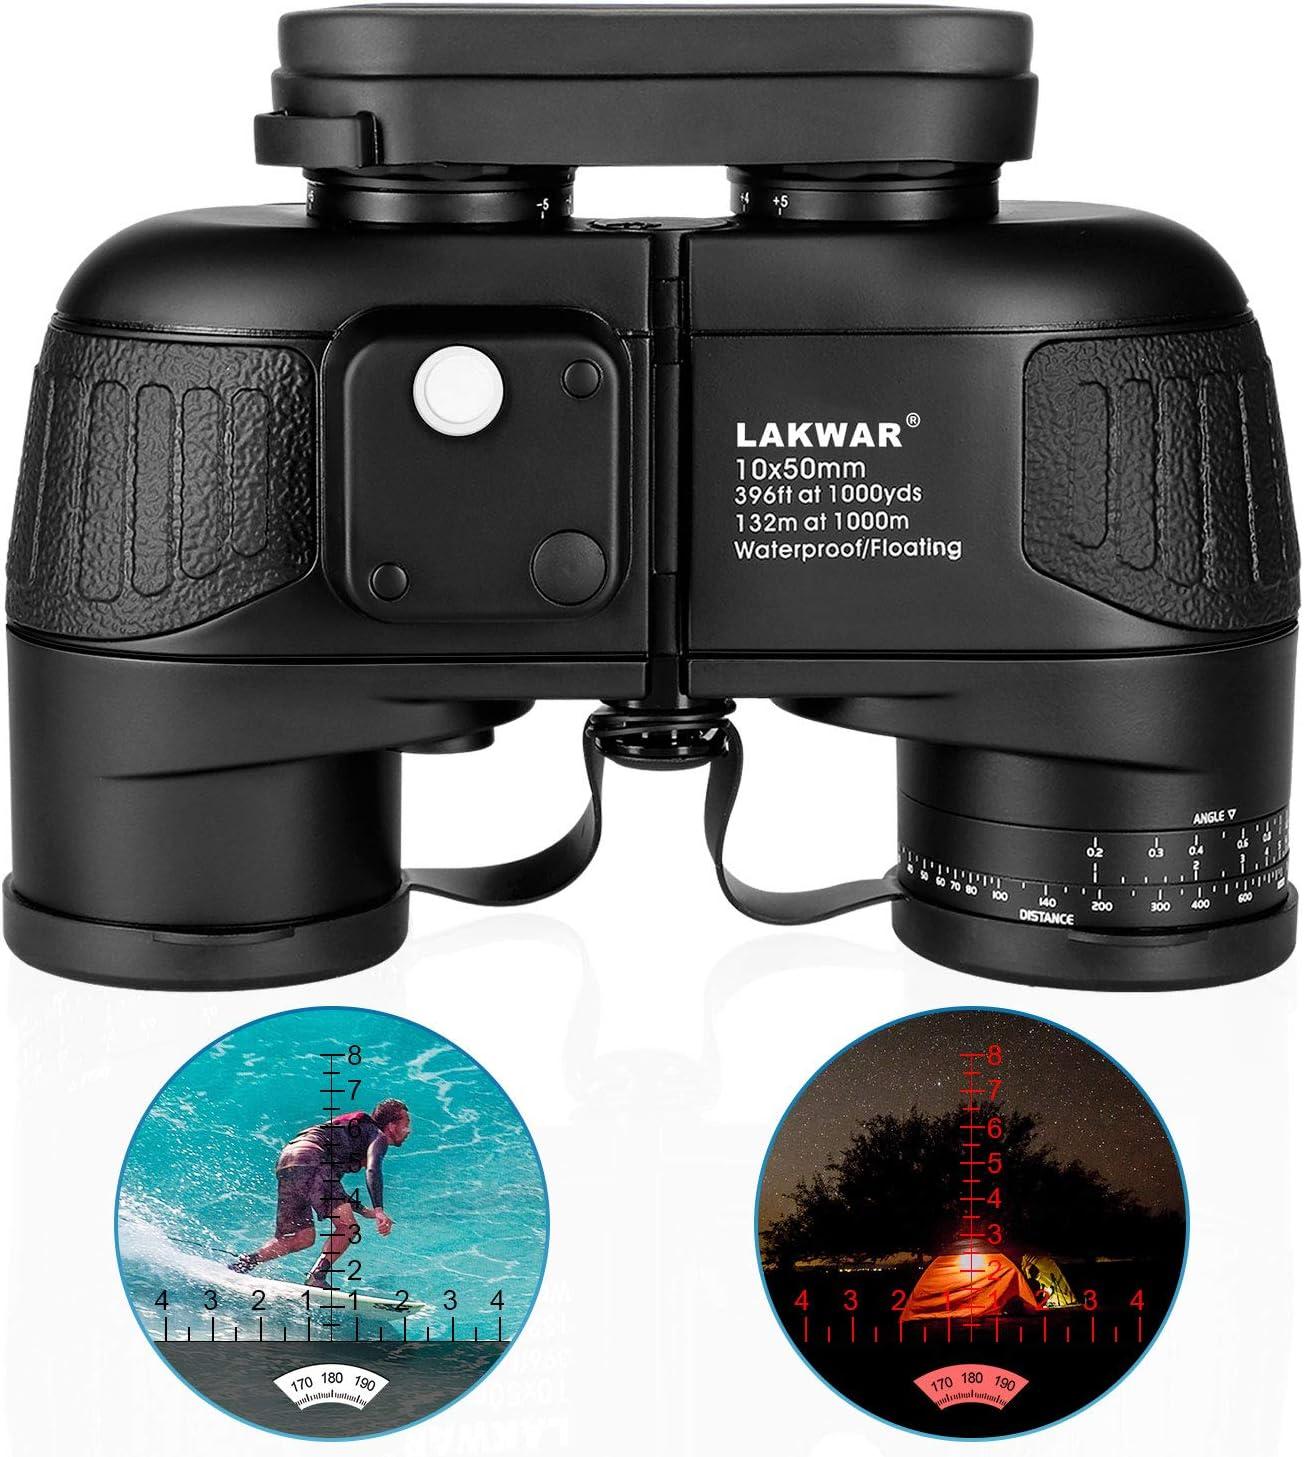 Binoculares para Larga Distancia LAKWAR 10X50 Prismáticos Compactos para Adultos con Brújula Y Telémetro Prismáticos De Profesional con Prisma Bak4 Impermeables para Observación De Aves